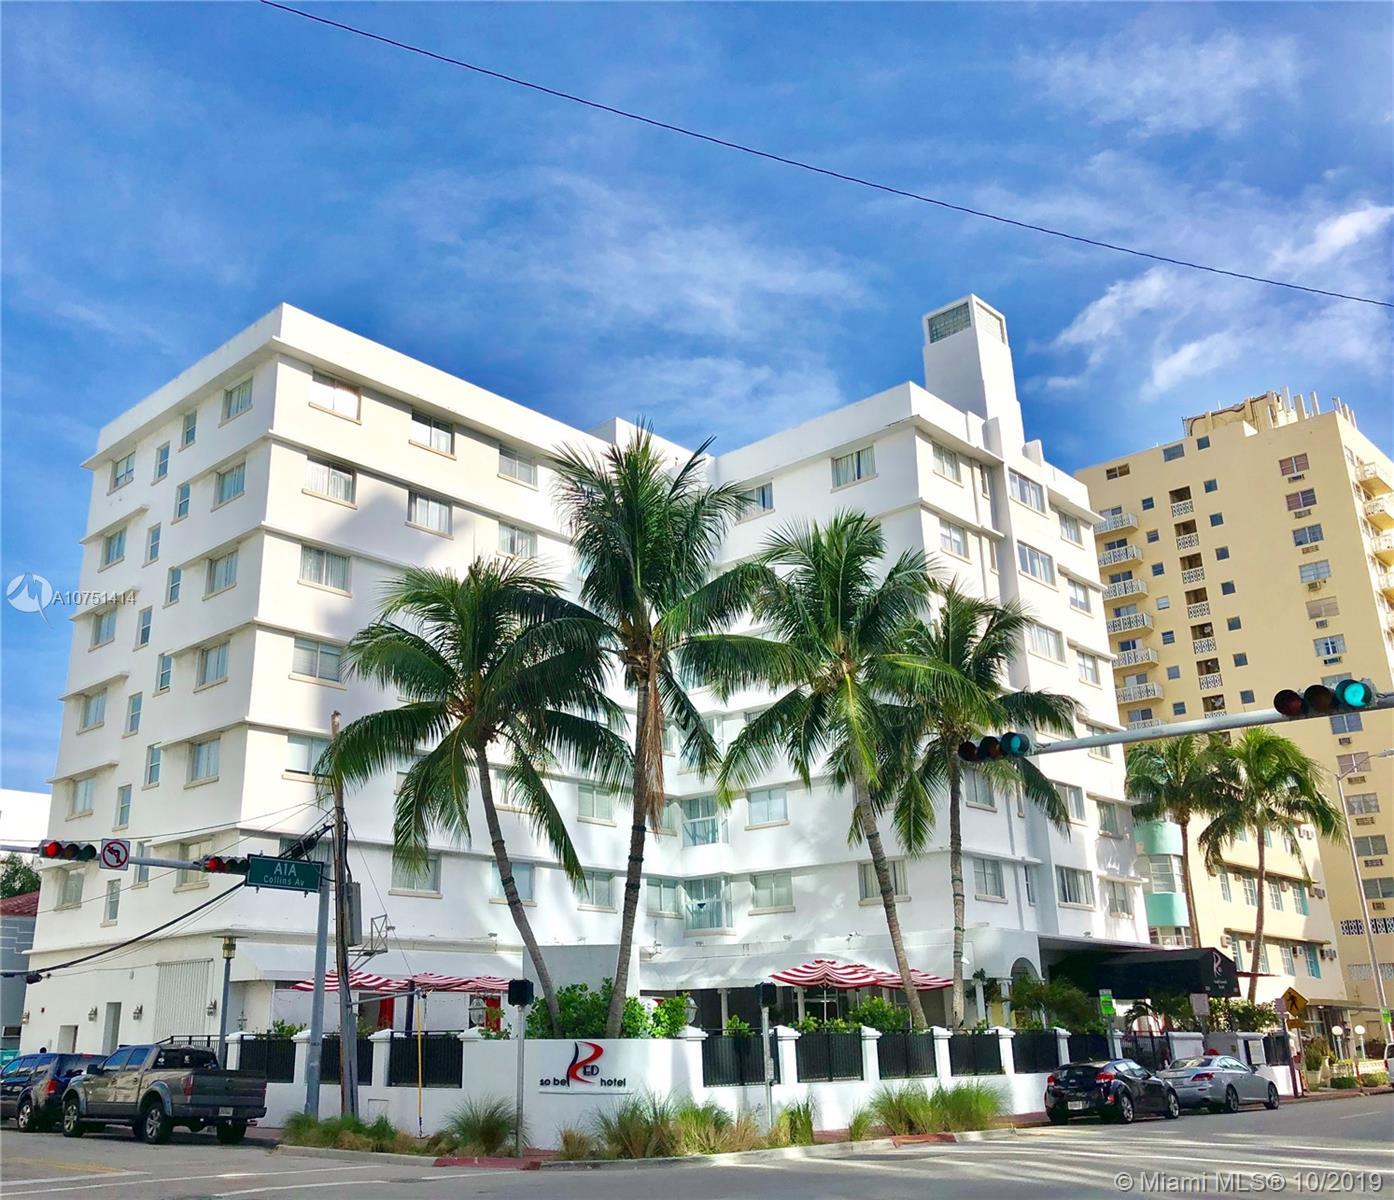 3010 Collins Ave, Miami Beach, FL 33140